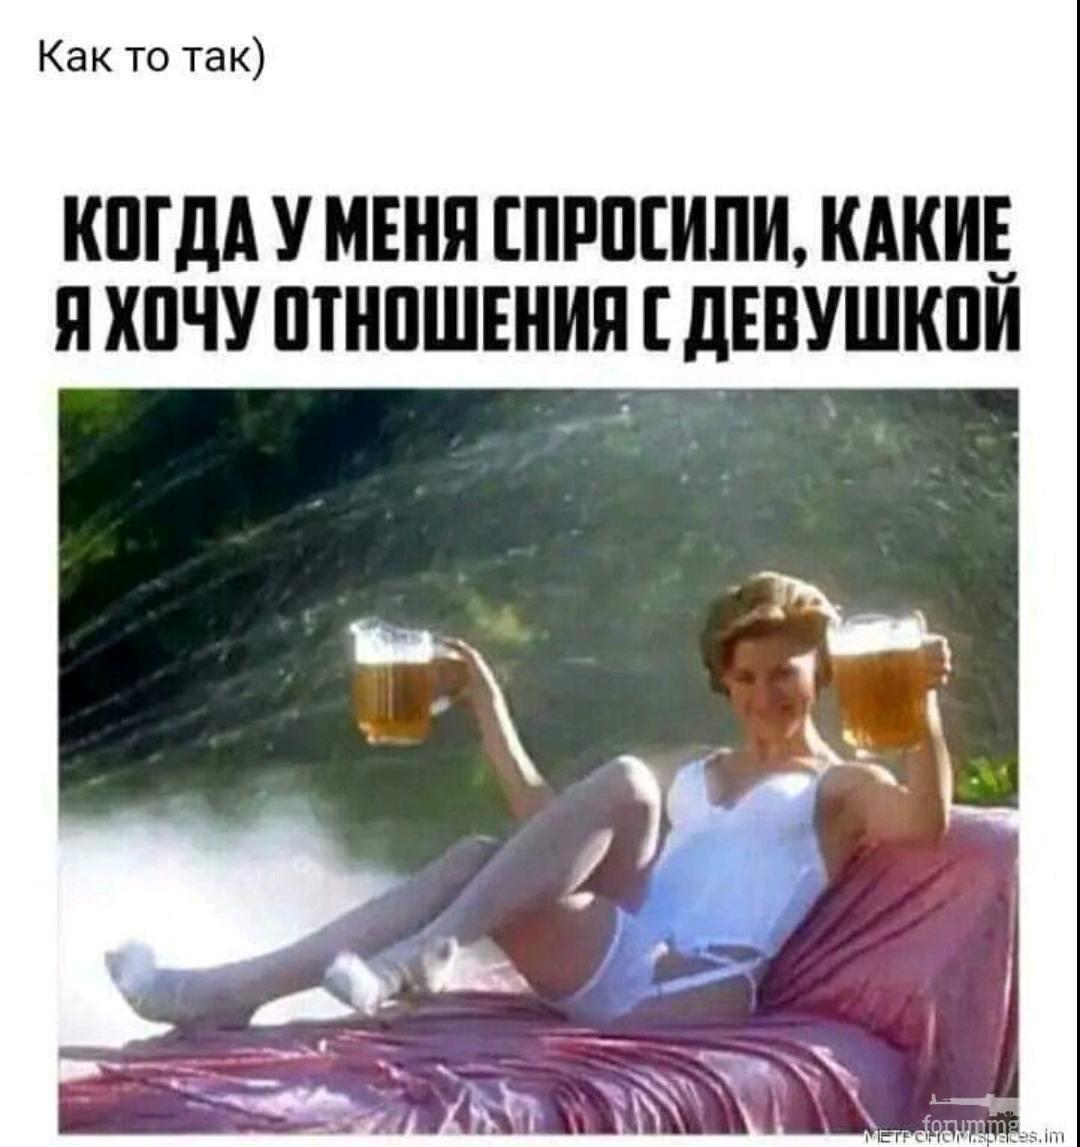 132629 - Пить или не пить? - пятничная алкогольная тема )))